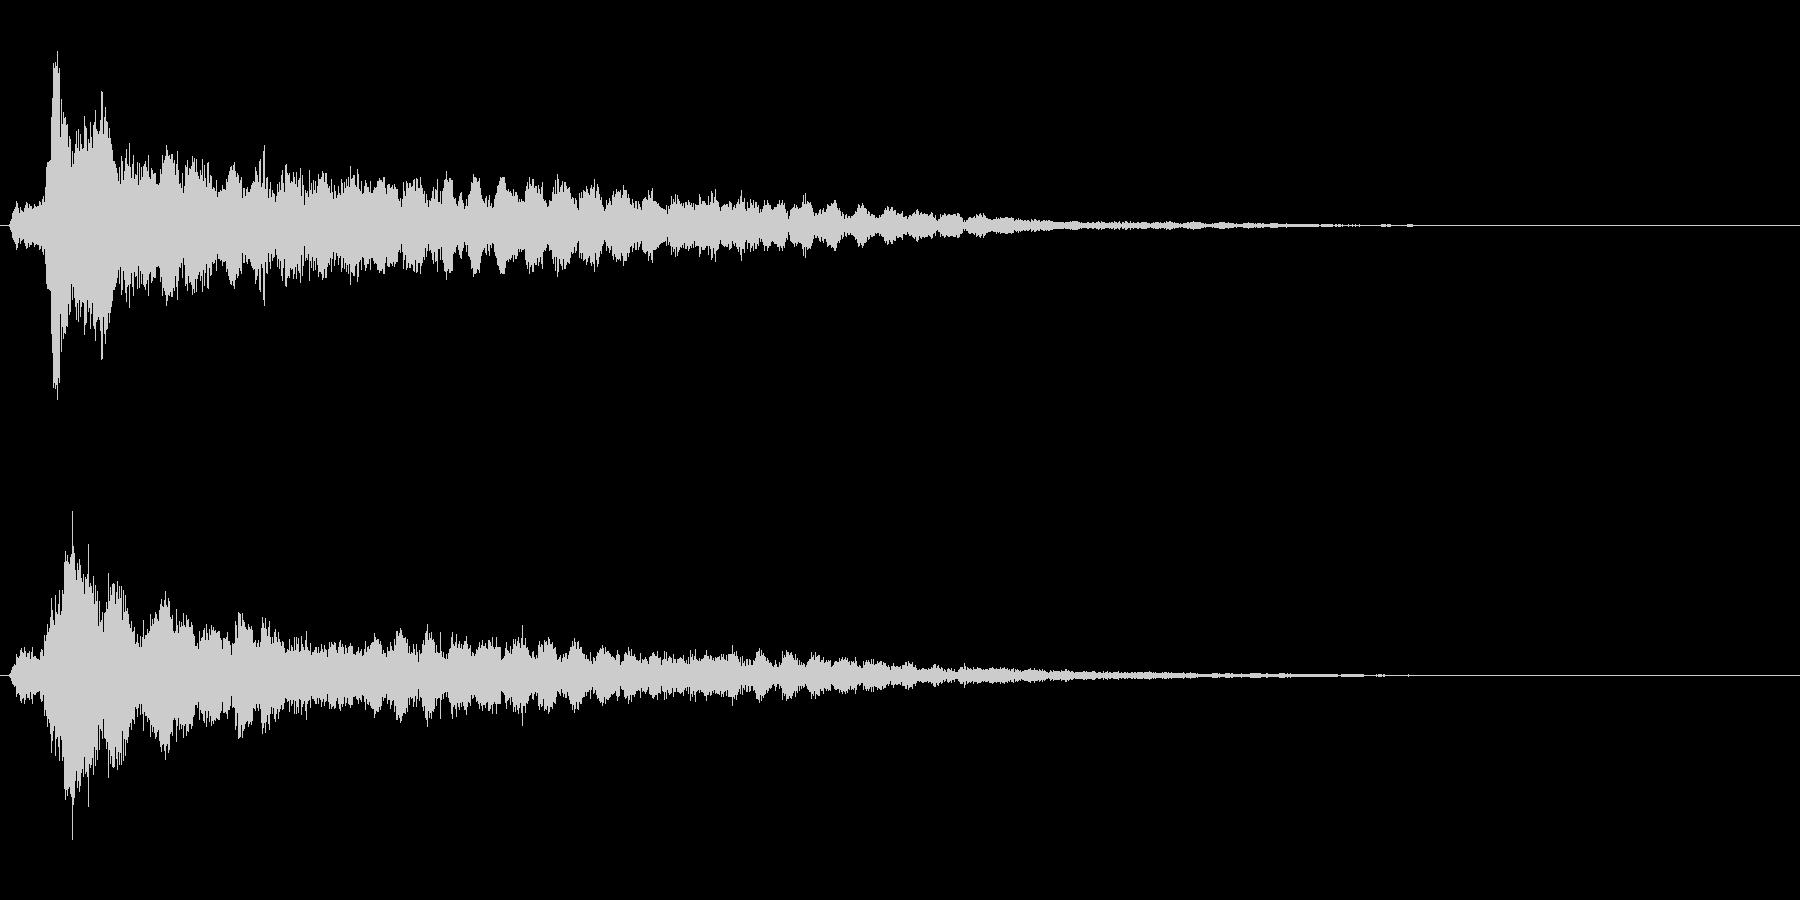 サスペンスに最適!ピアノの弦を弄ぶ音34の未再生の波形